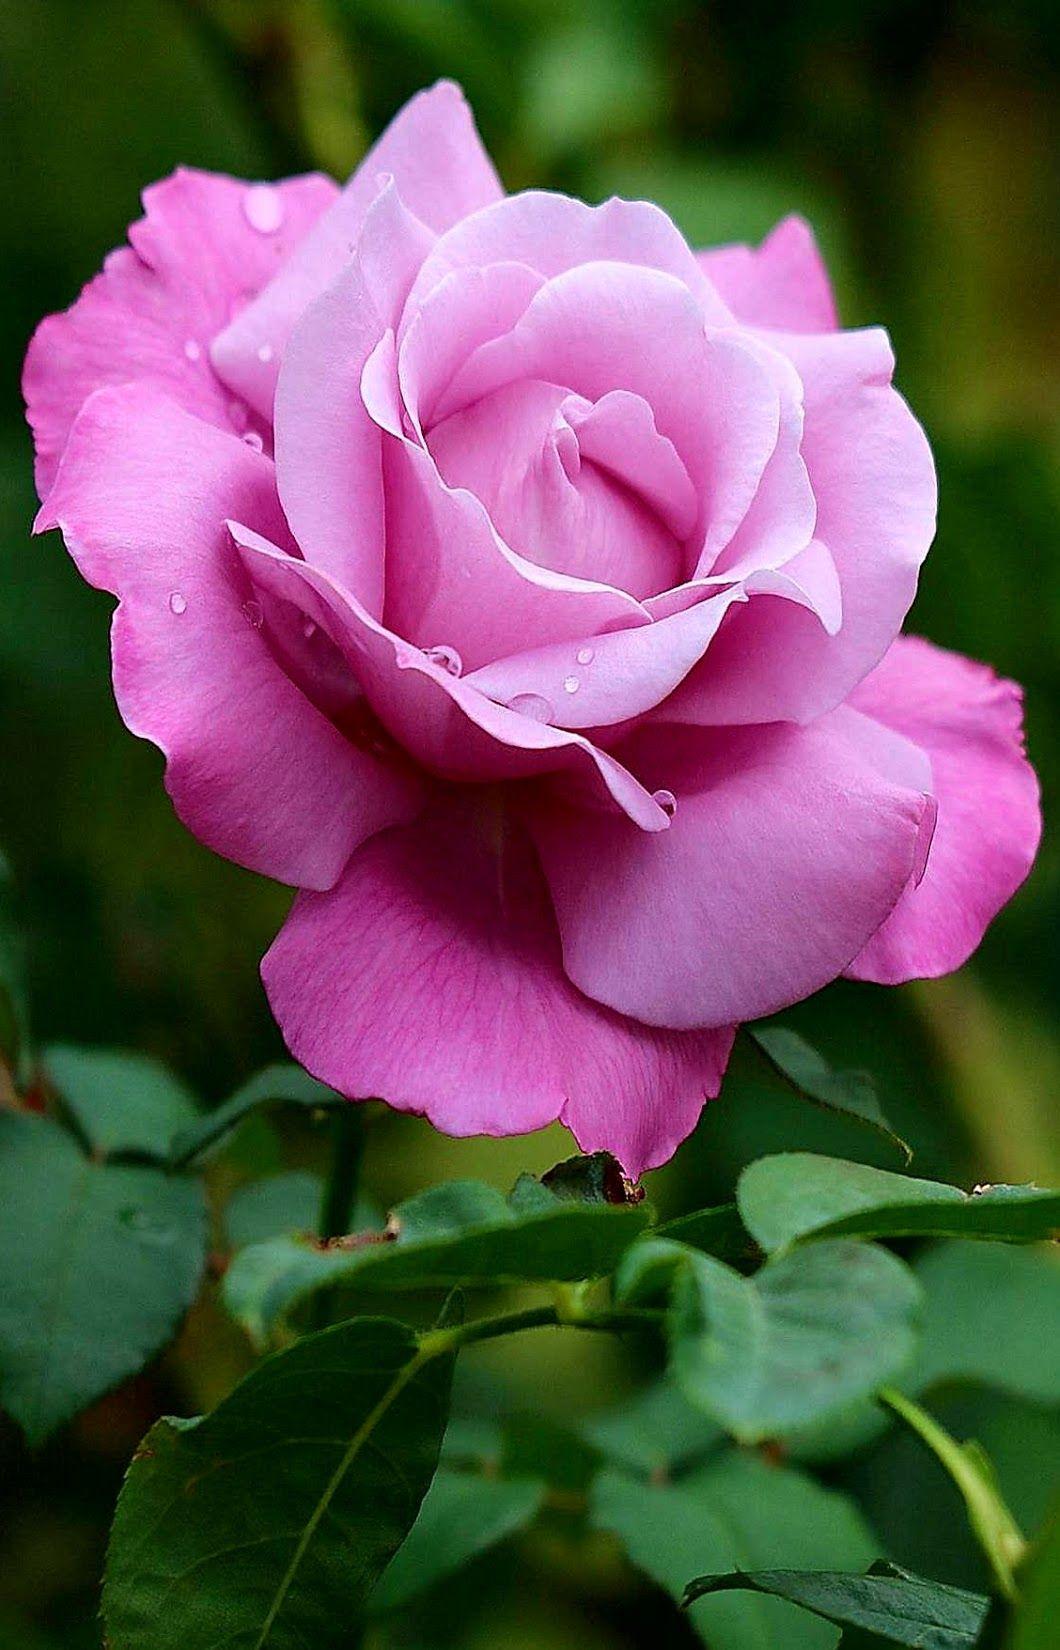 бумеранг, фотографии про розы такого букета